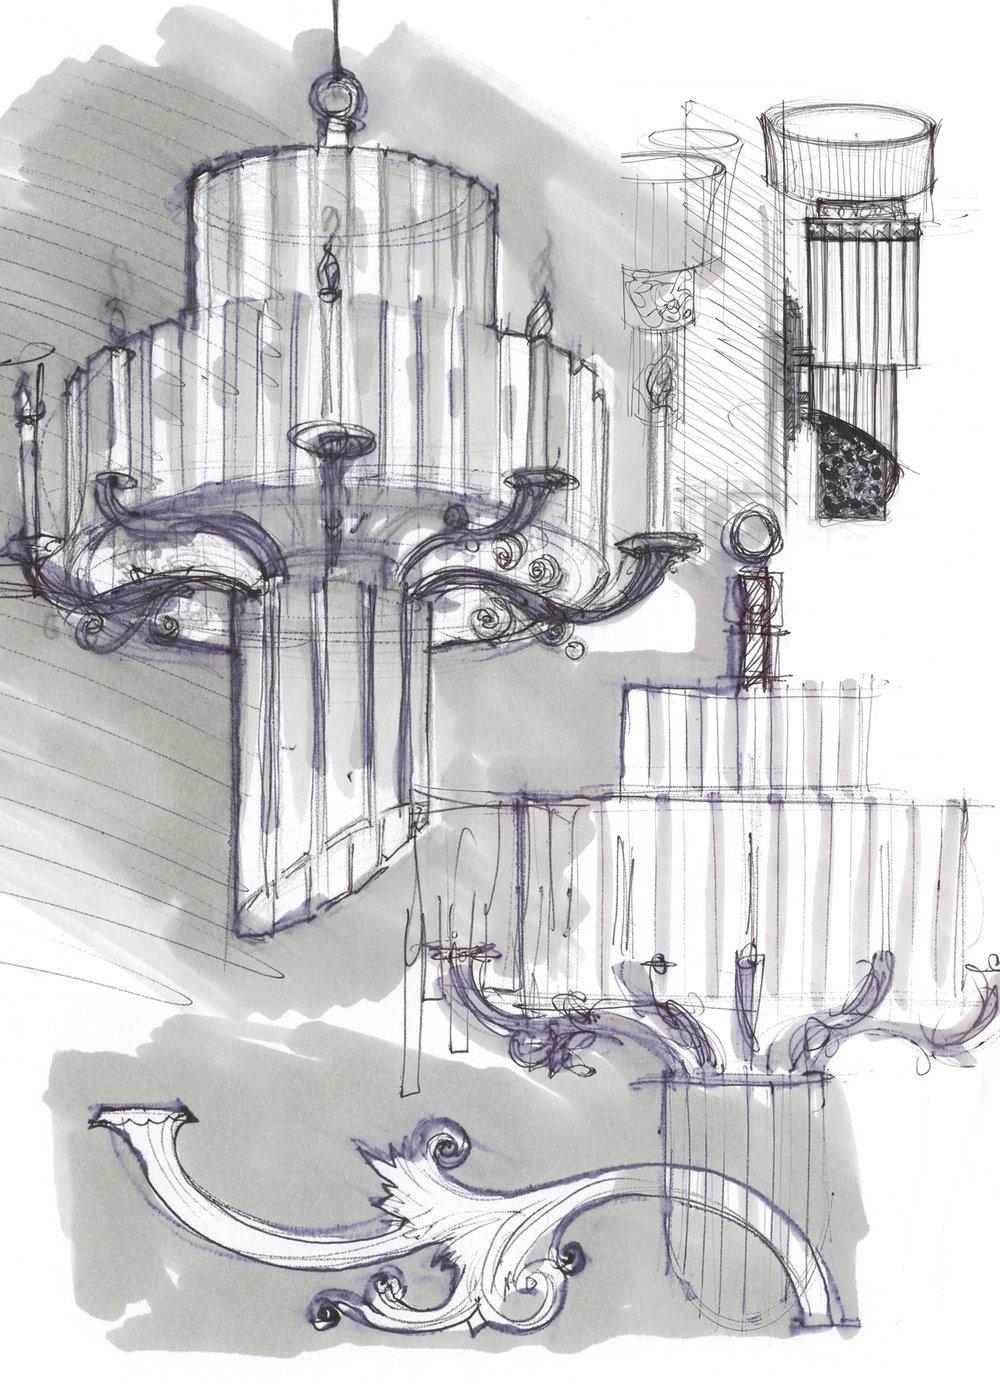 Narciso sketch